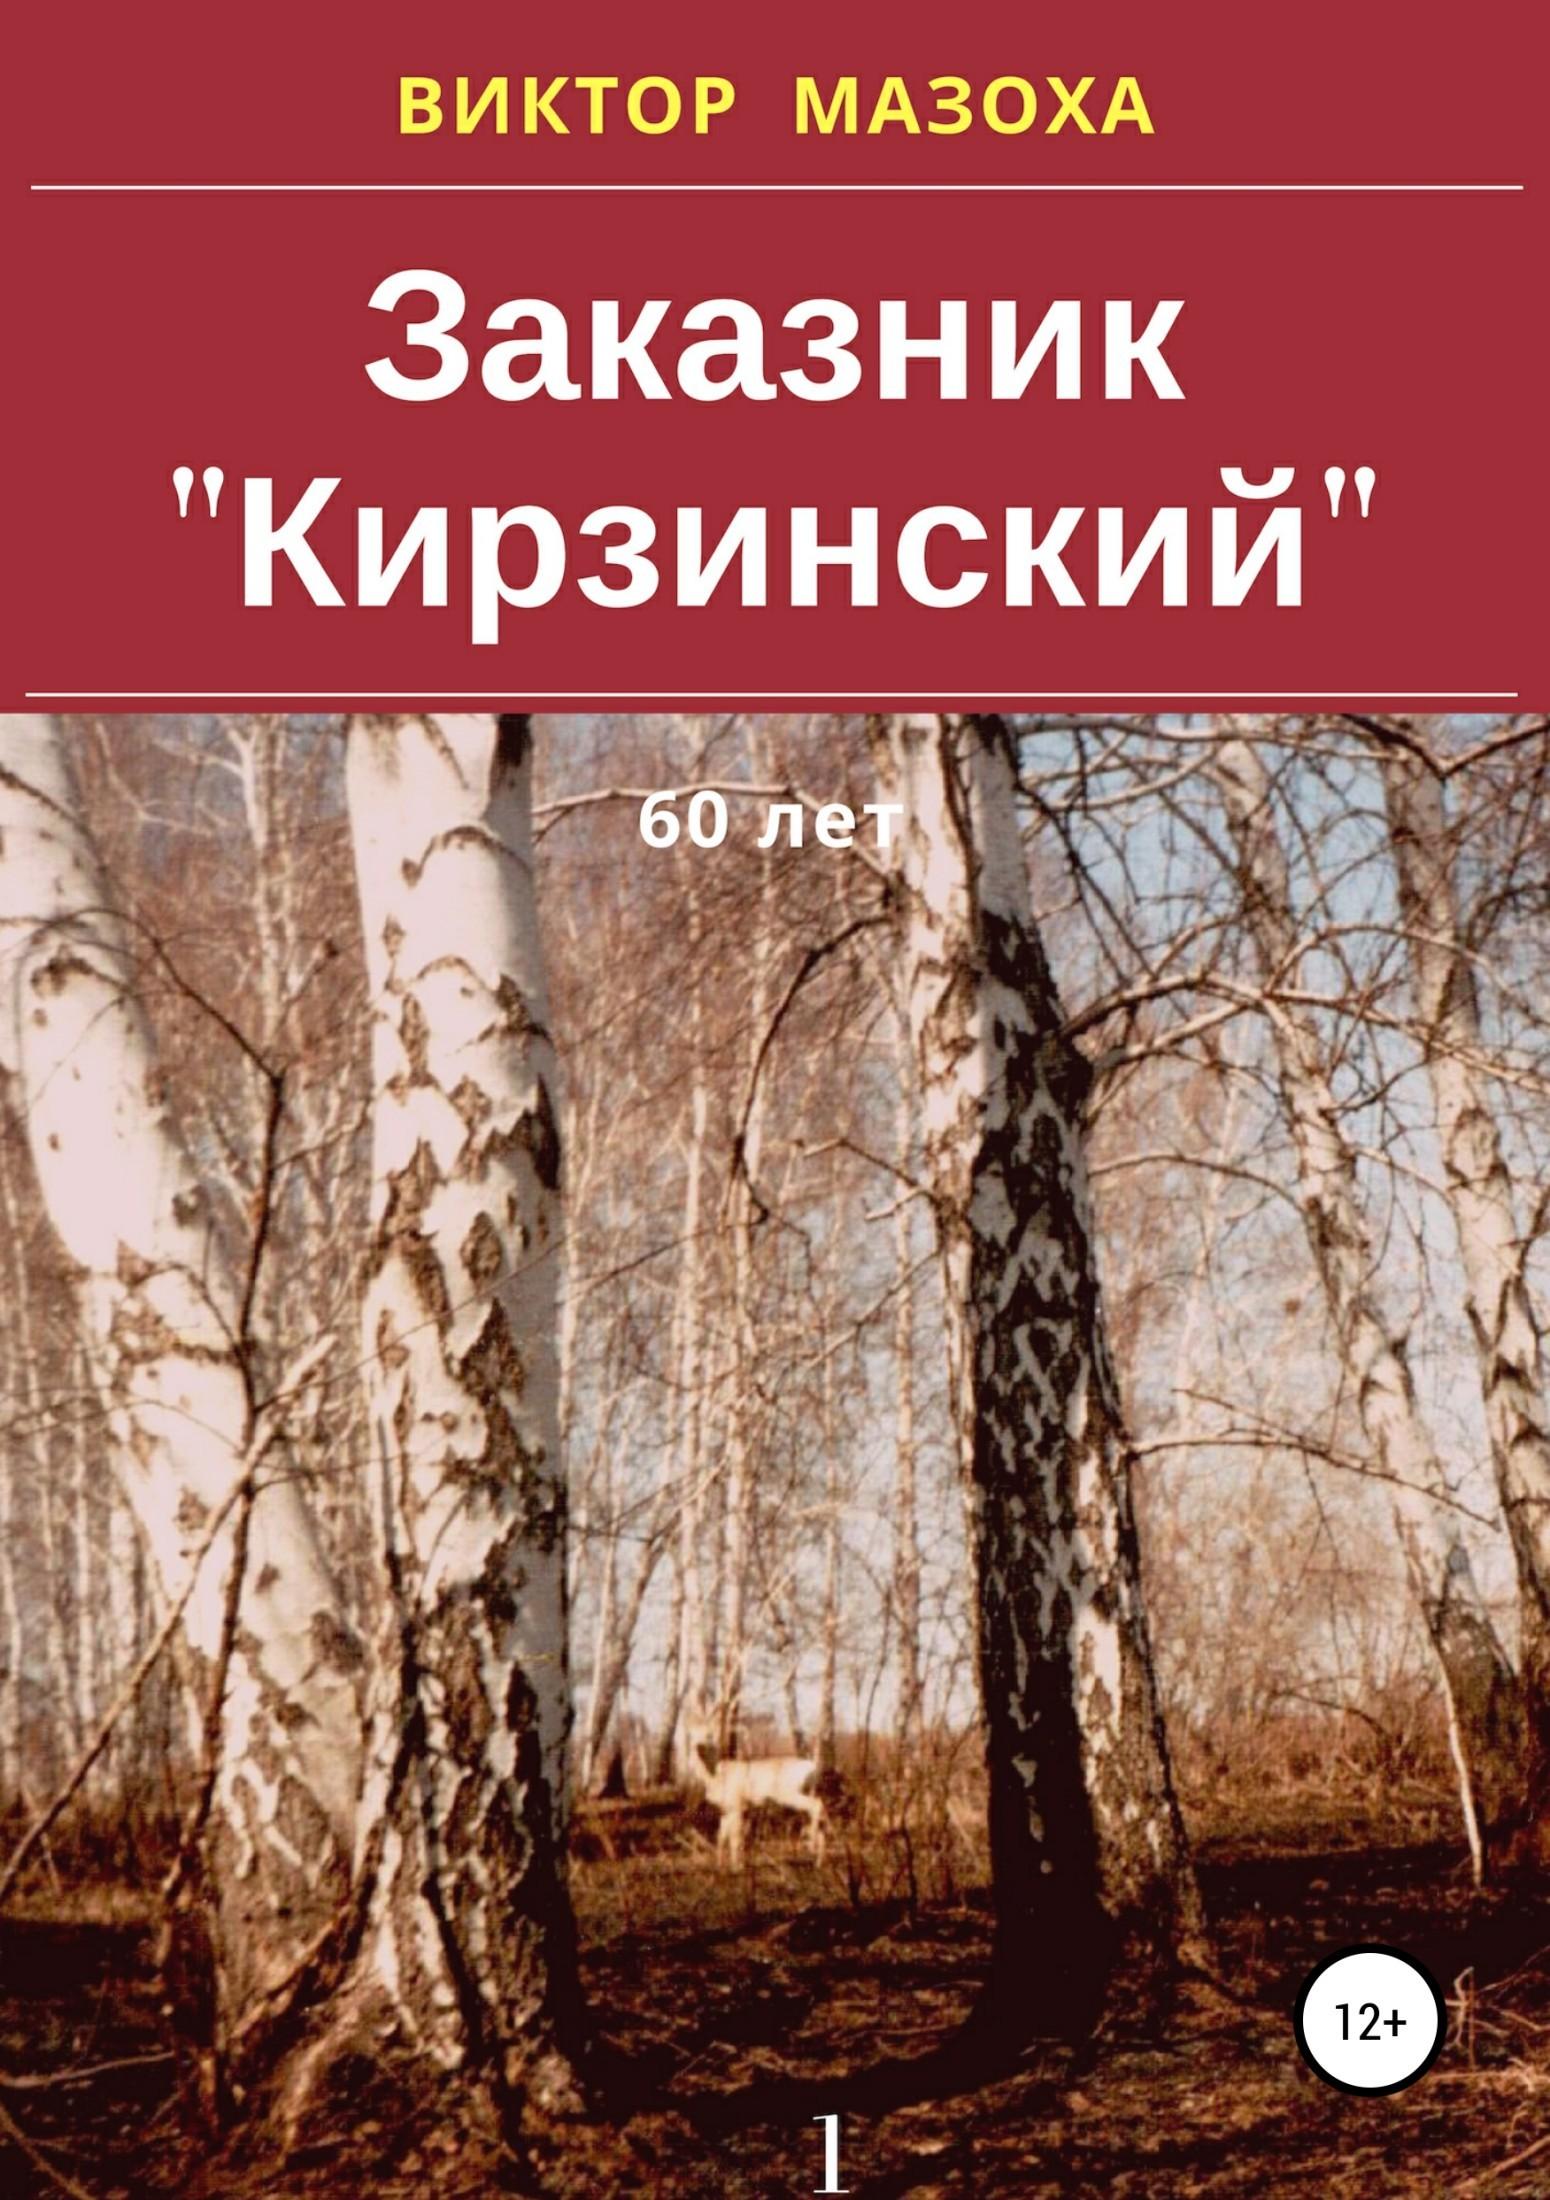 Виктор Владимирович Мазоха Заказник «Кирзинский» видеофильм о новосибирской области